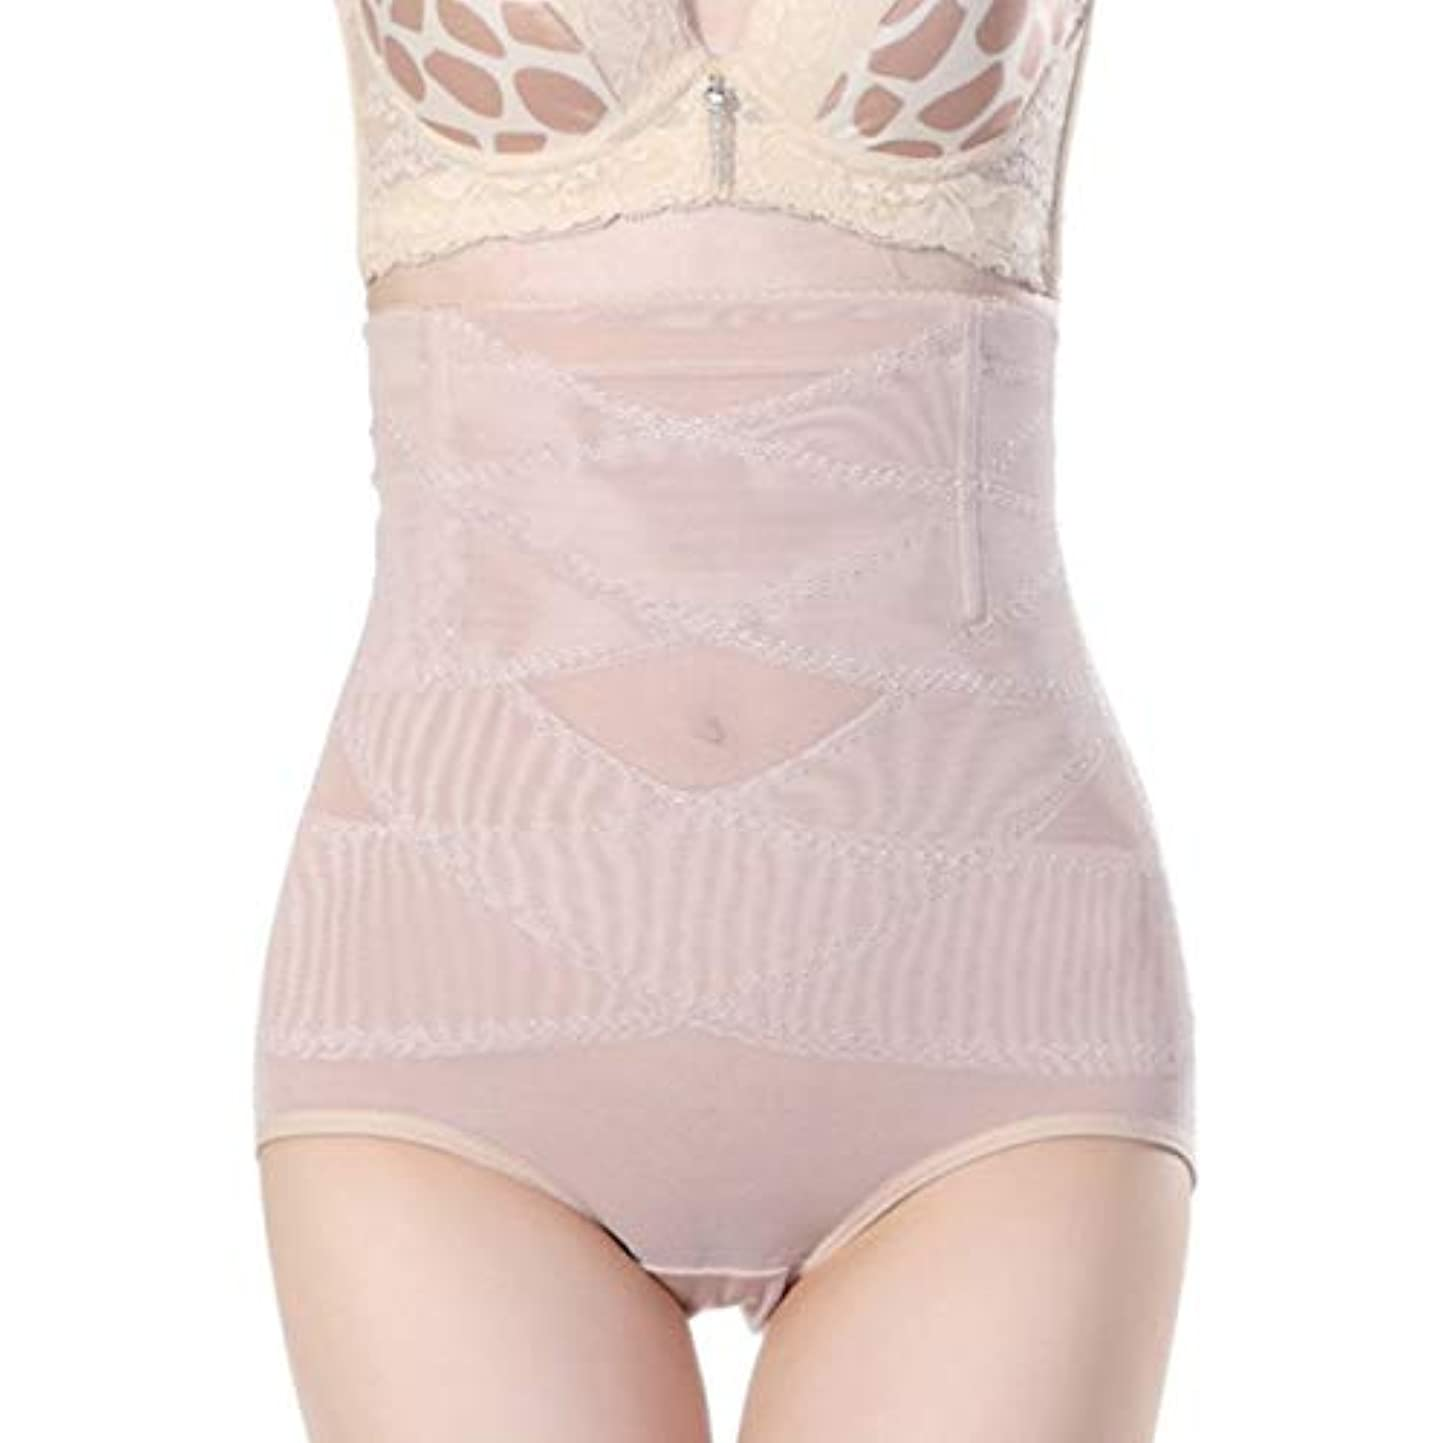 めんどりキャベツ複製する腹部制御下着シームレスおなかコントロールパンティーバットリフターボディシェイパーを痩身通気性のハイウエストの女性 - 肌色3 XL